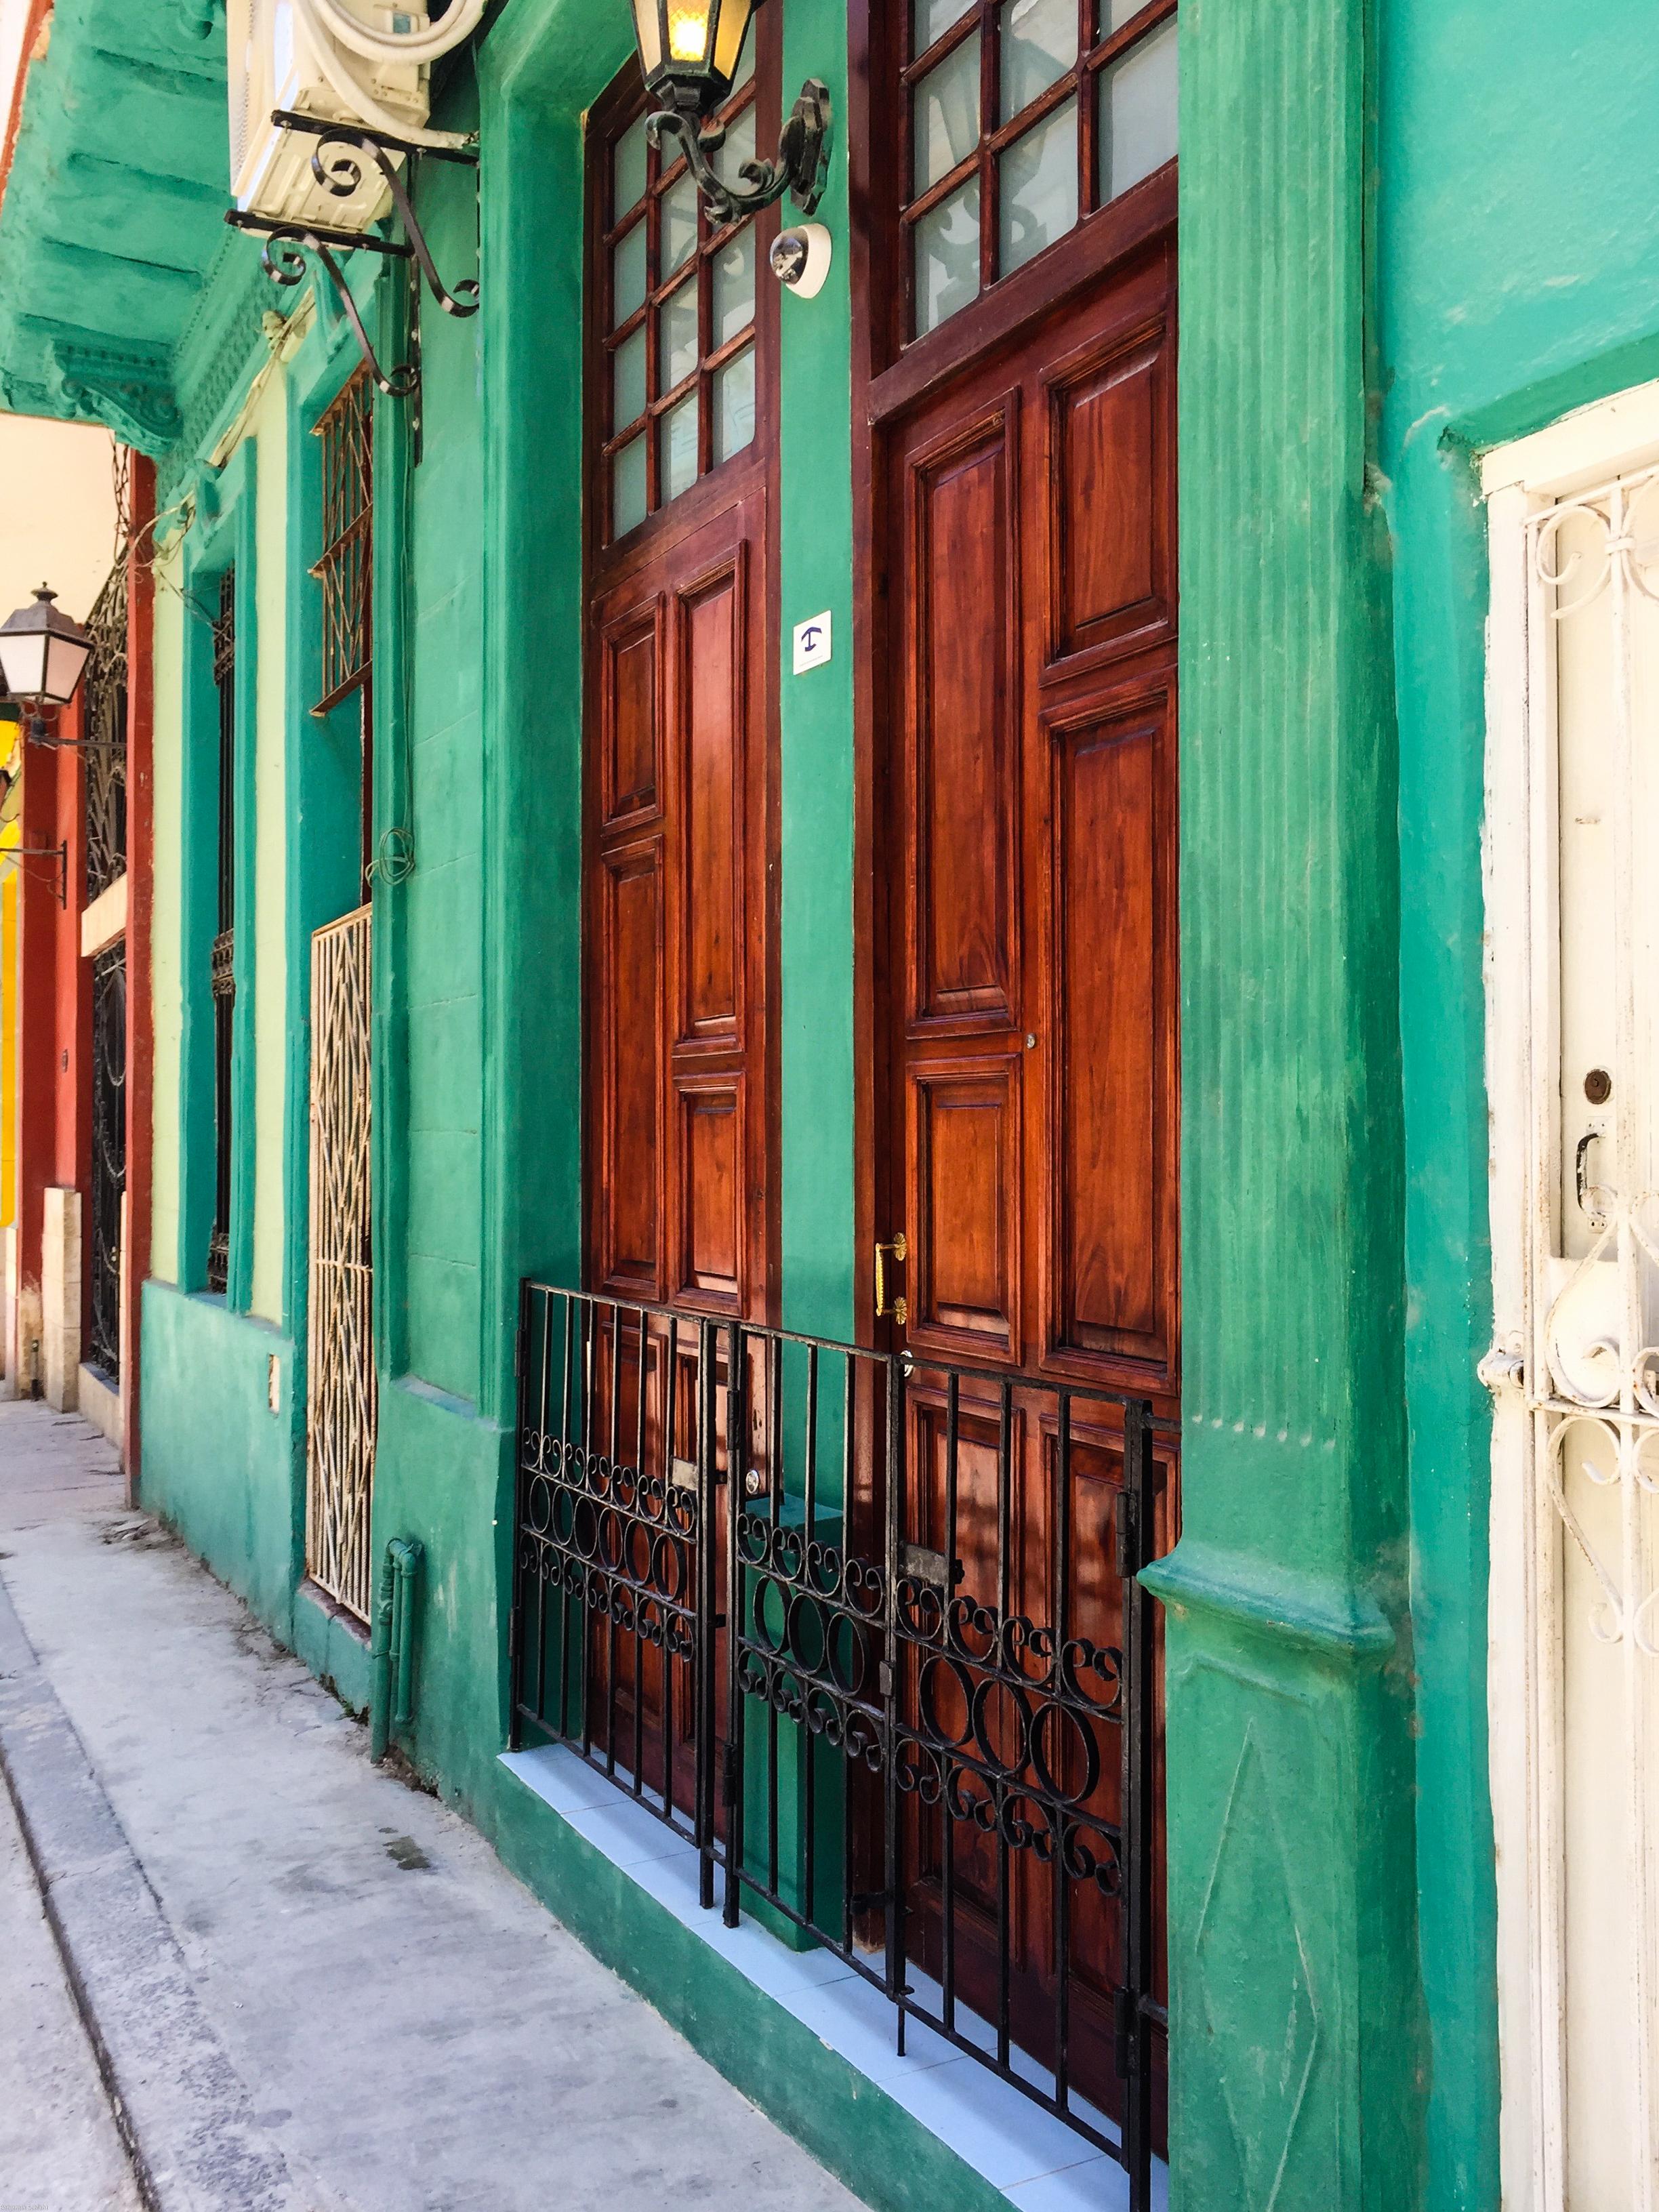 Shining wood doors in Havana